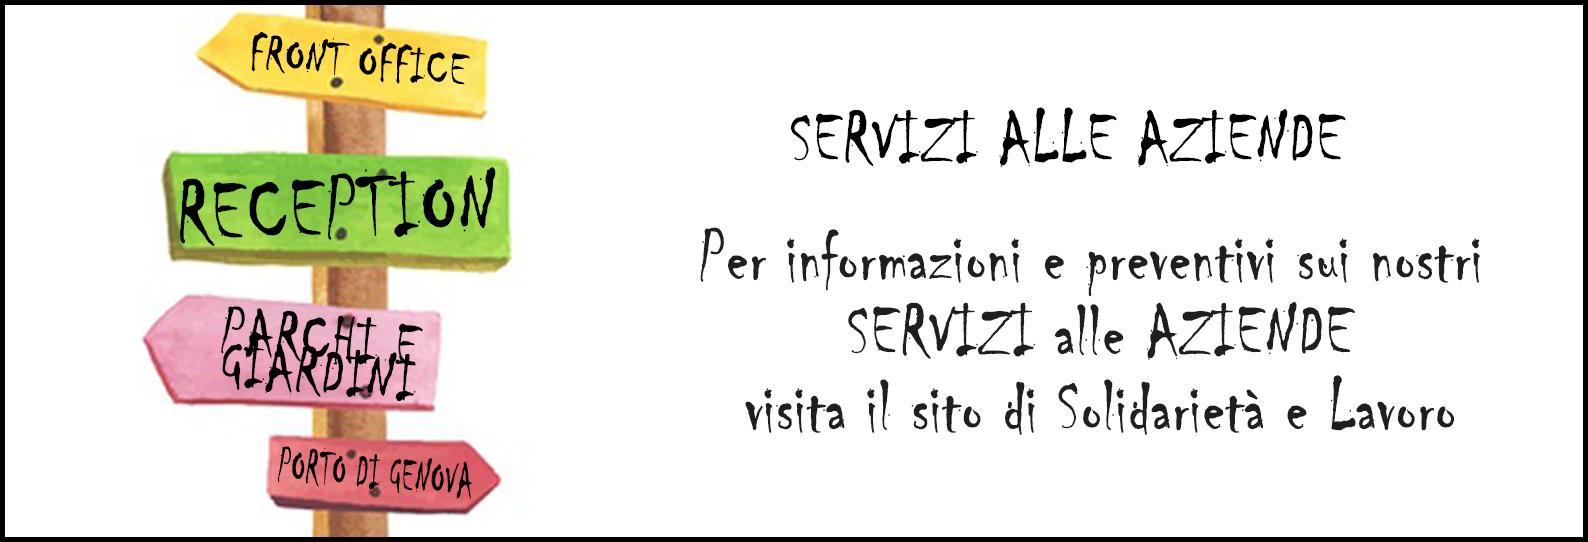 SolidarietàeLavoro_sito pll_banner_serviziaziende1